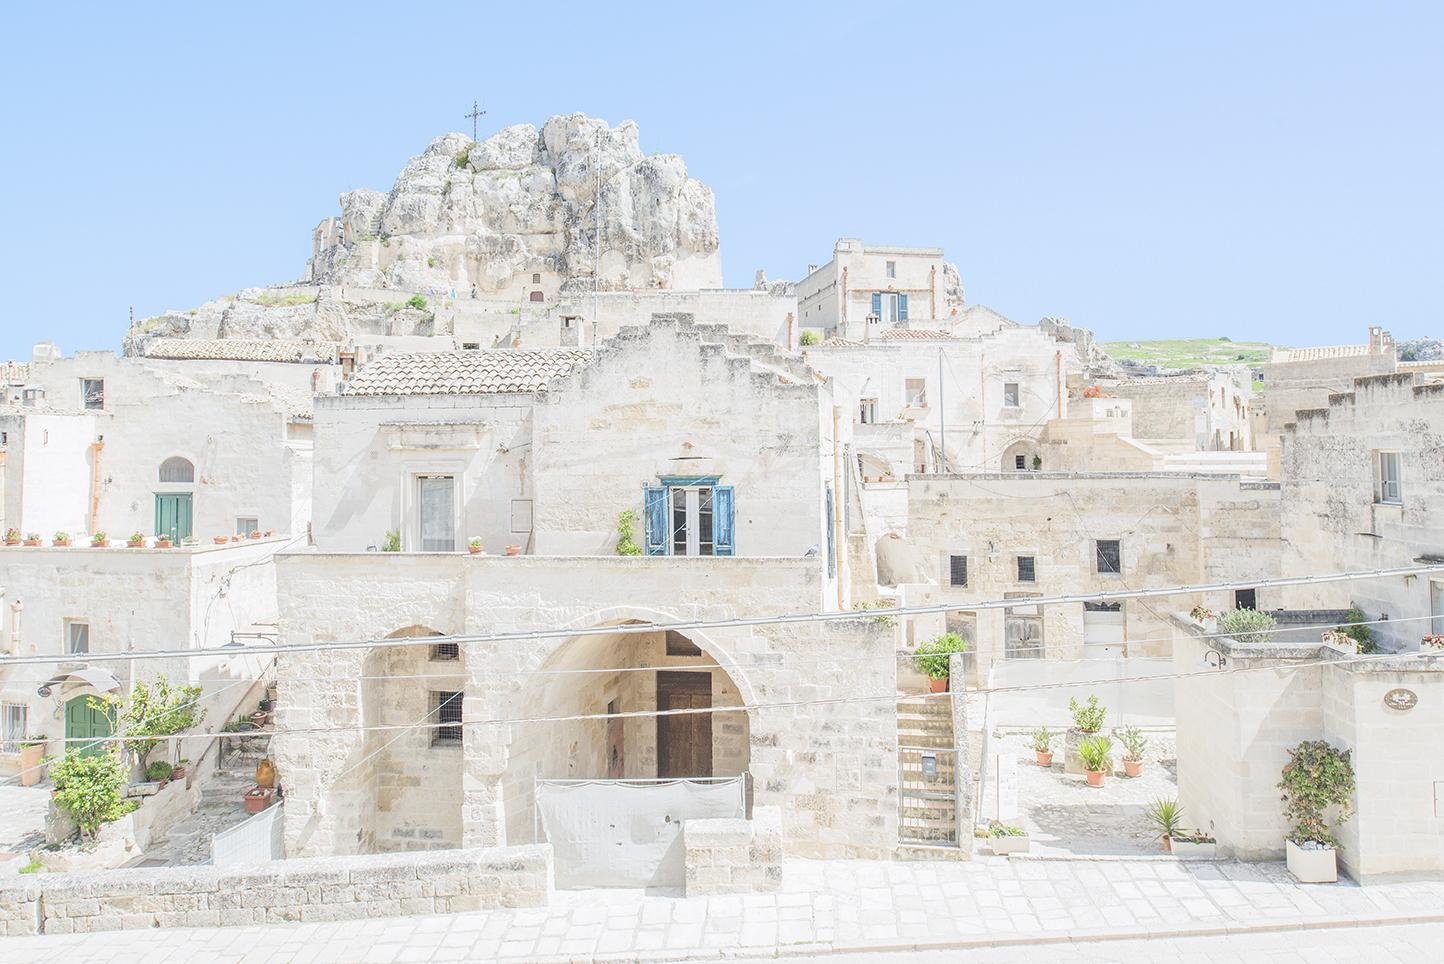 רומנטיקה בעיירת המערות העתיקות MATERA